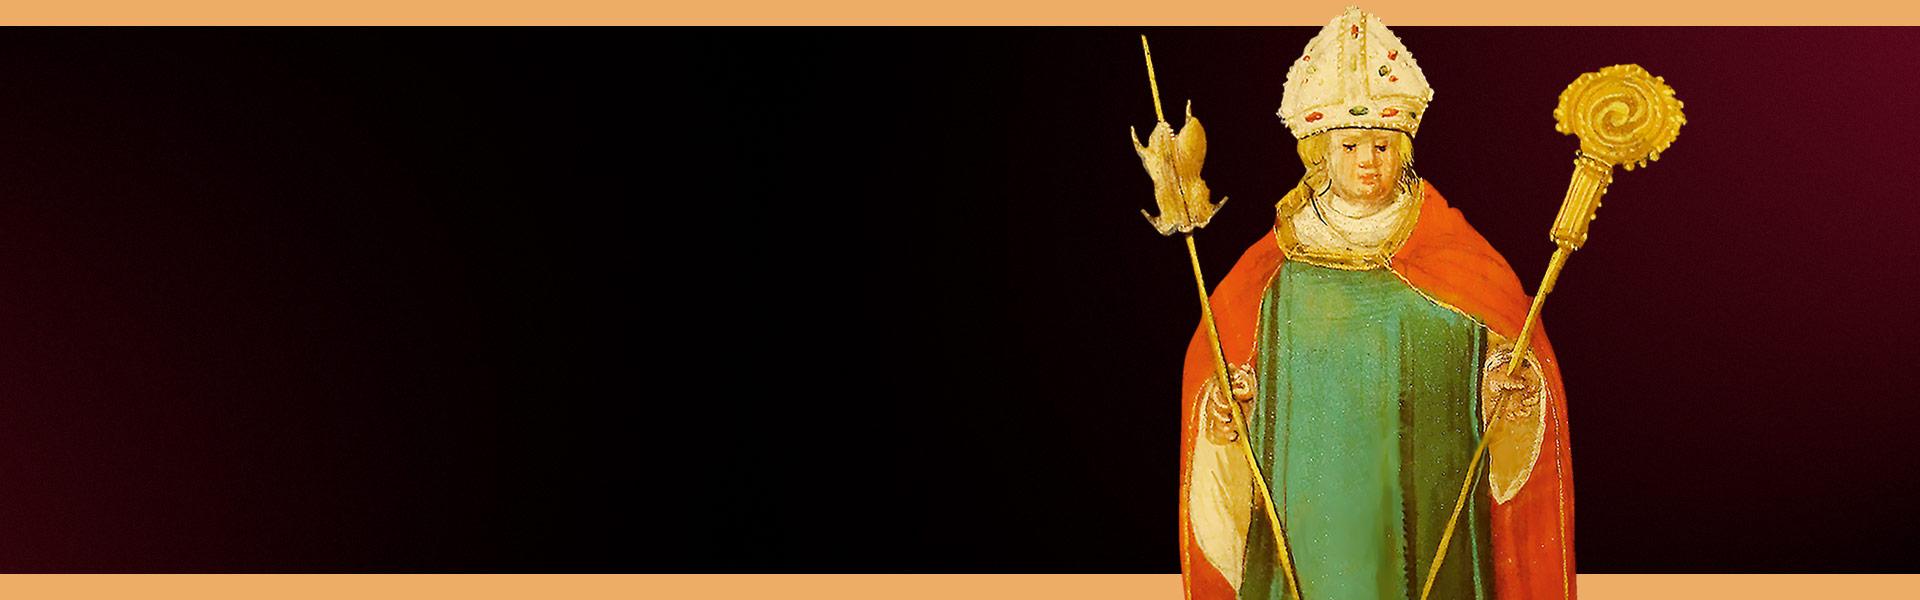 Pannonhalmi borvacsora a viator étteremben Szent Márton tiszteletére